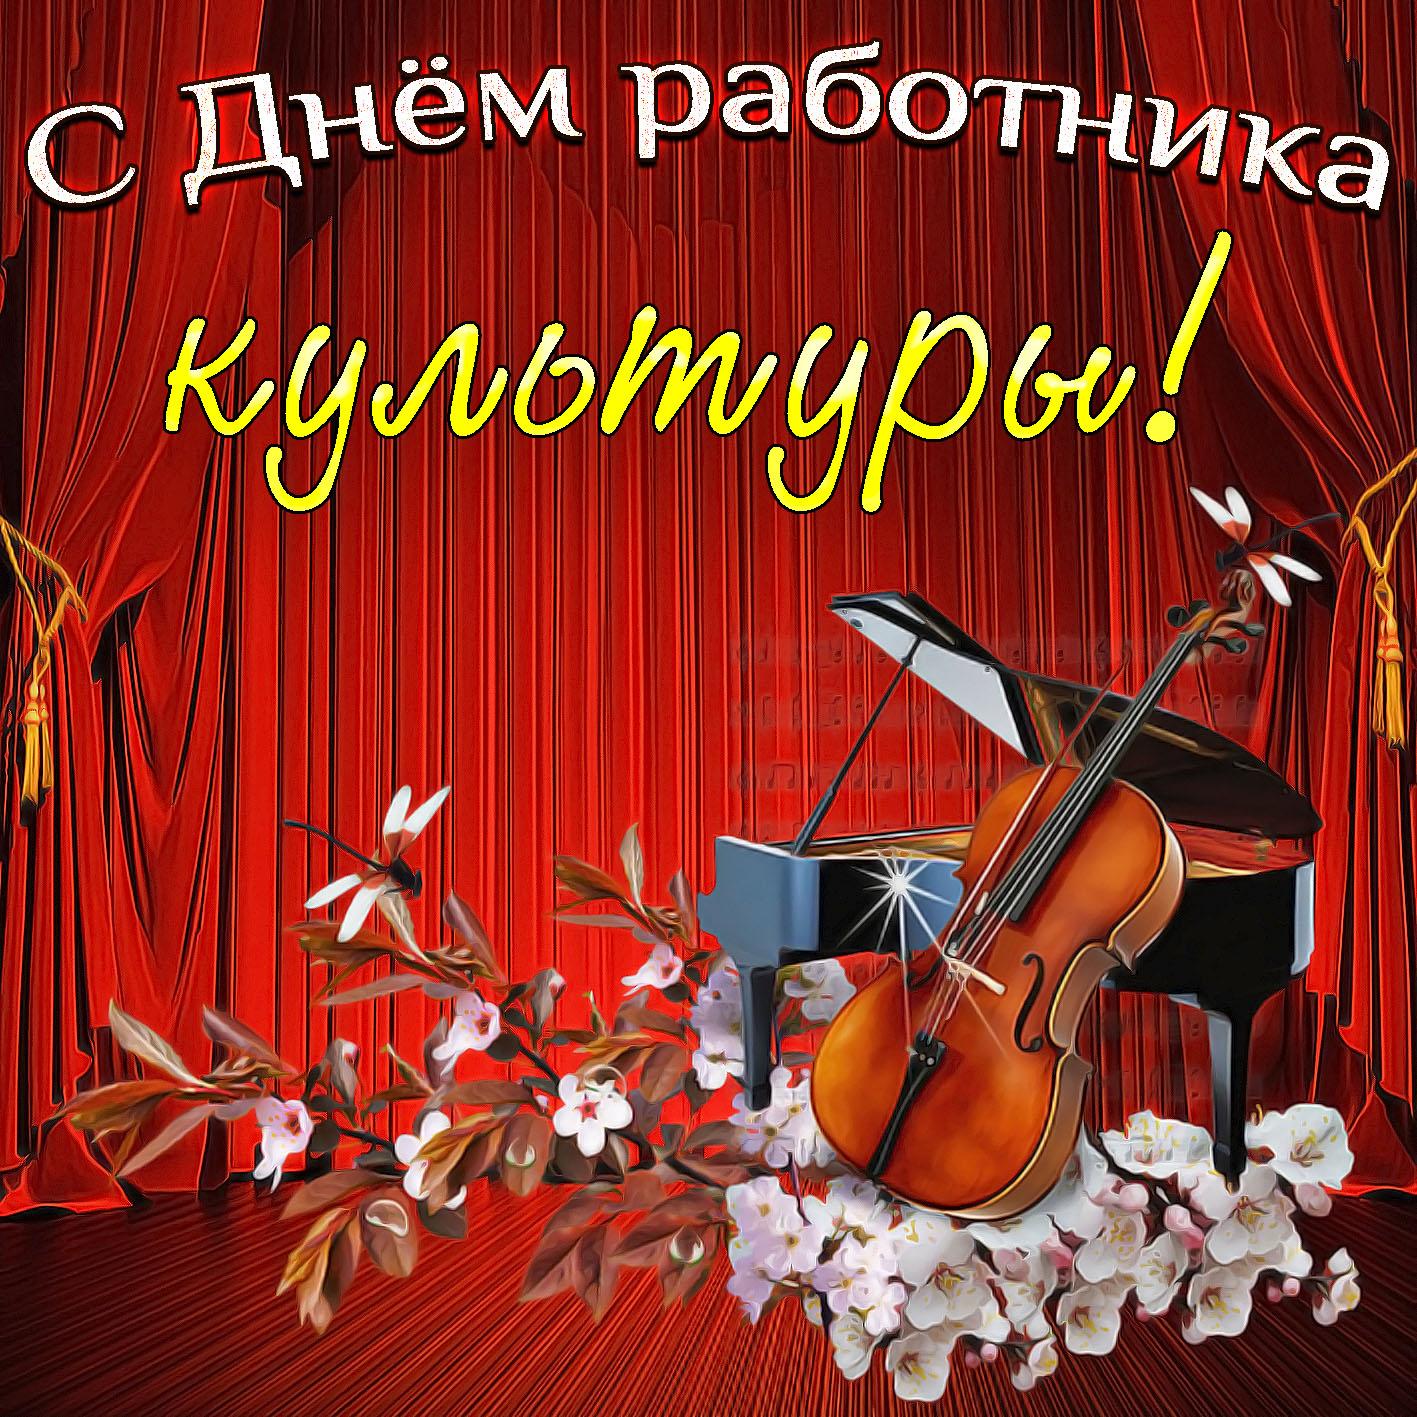 Картинки с днем работников культуры беларусь, евпатория старый город